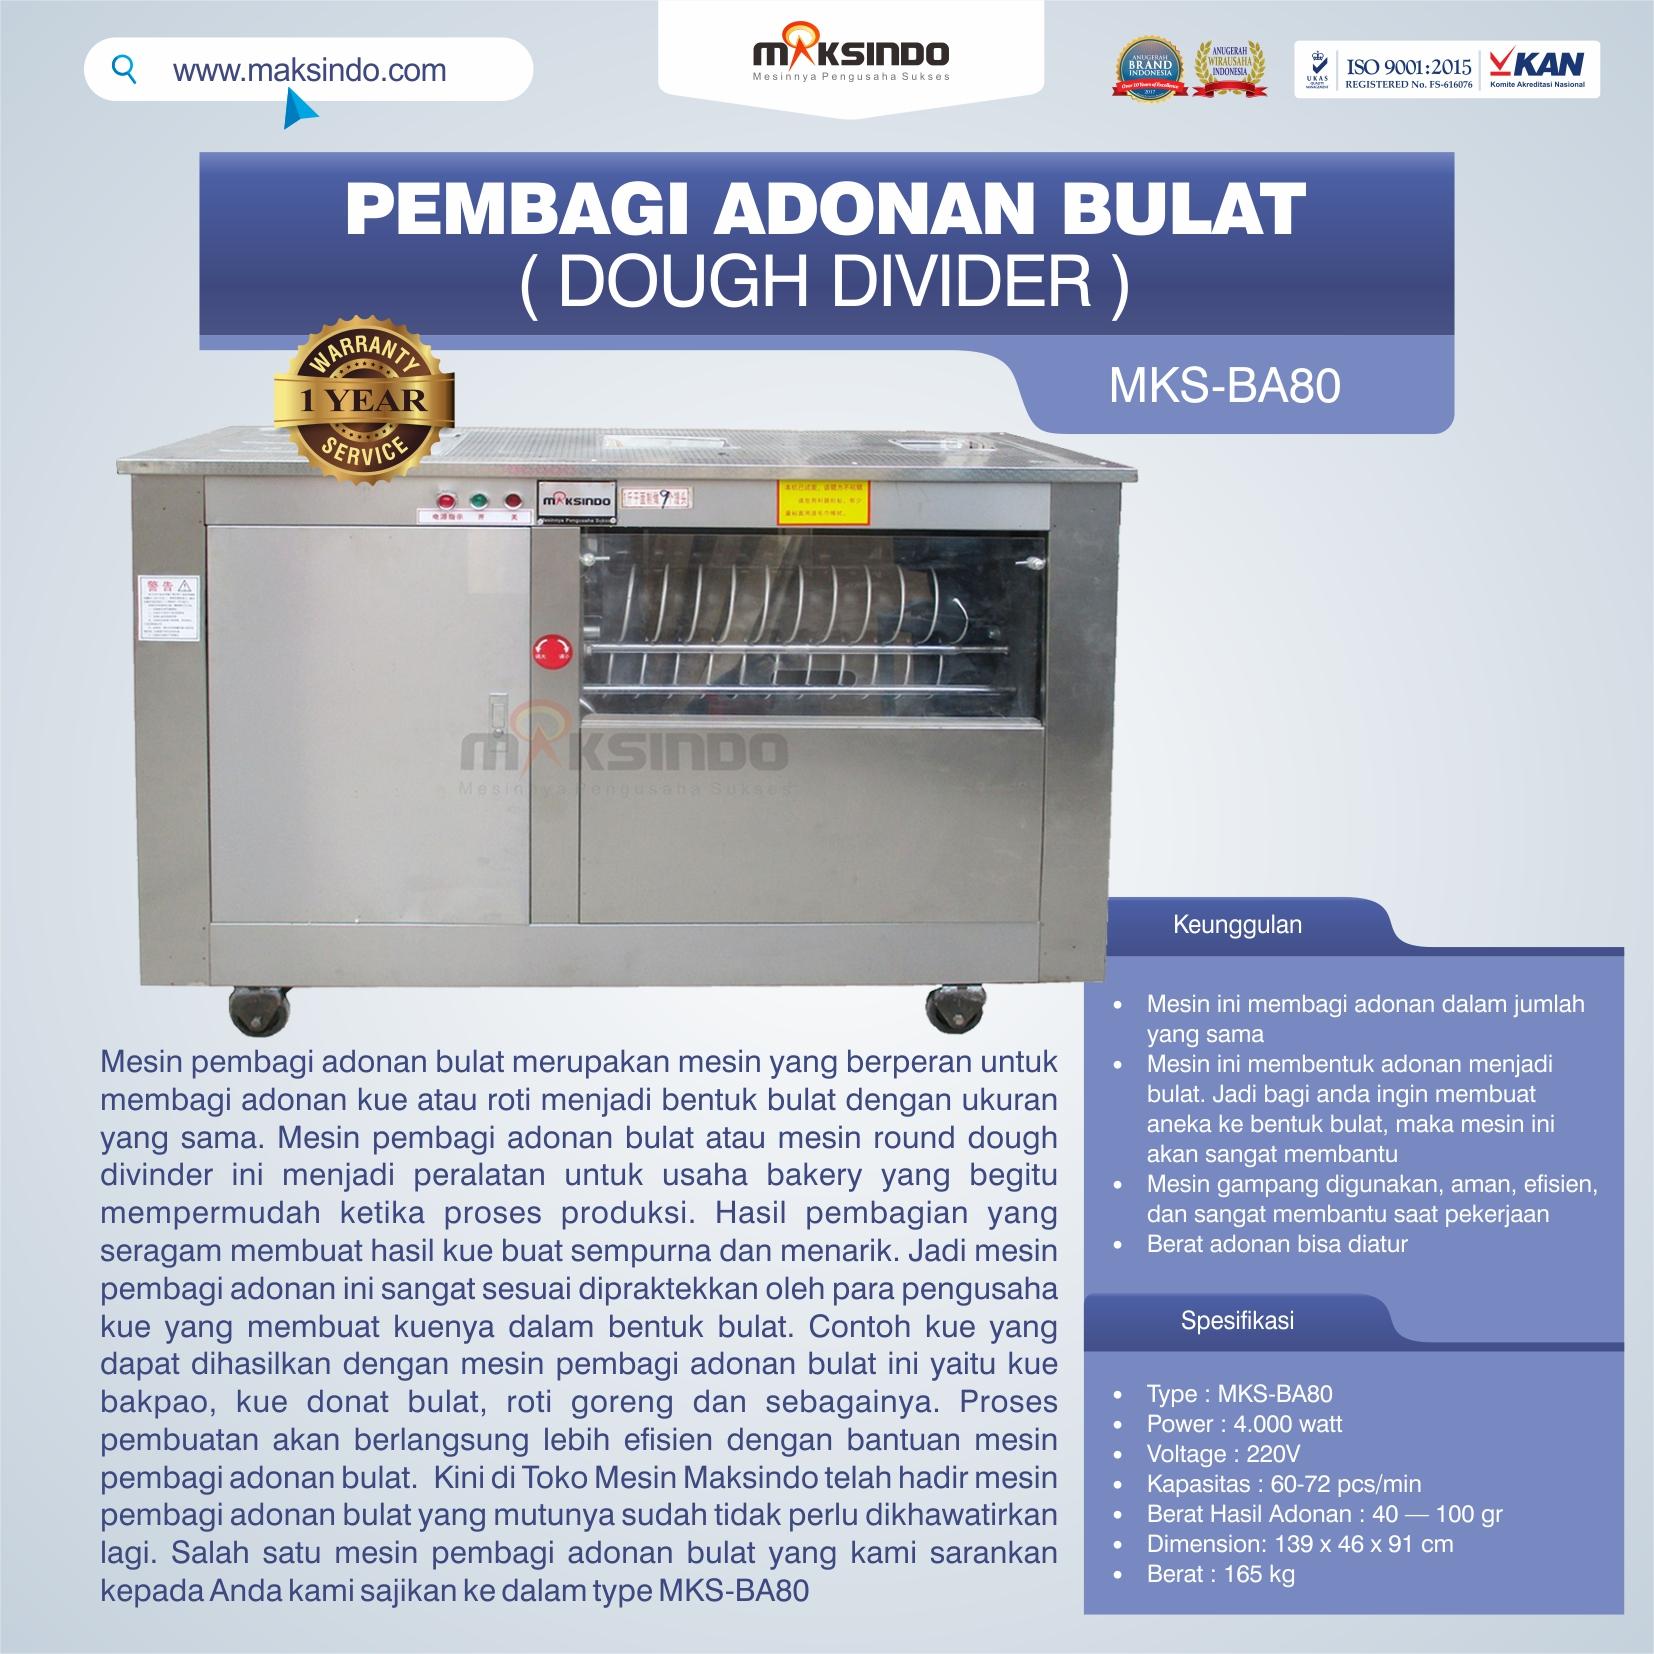 Jual Pembagi Adonan Bulat (Dough Divider) MKS-BA80 di Blitar